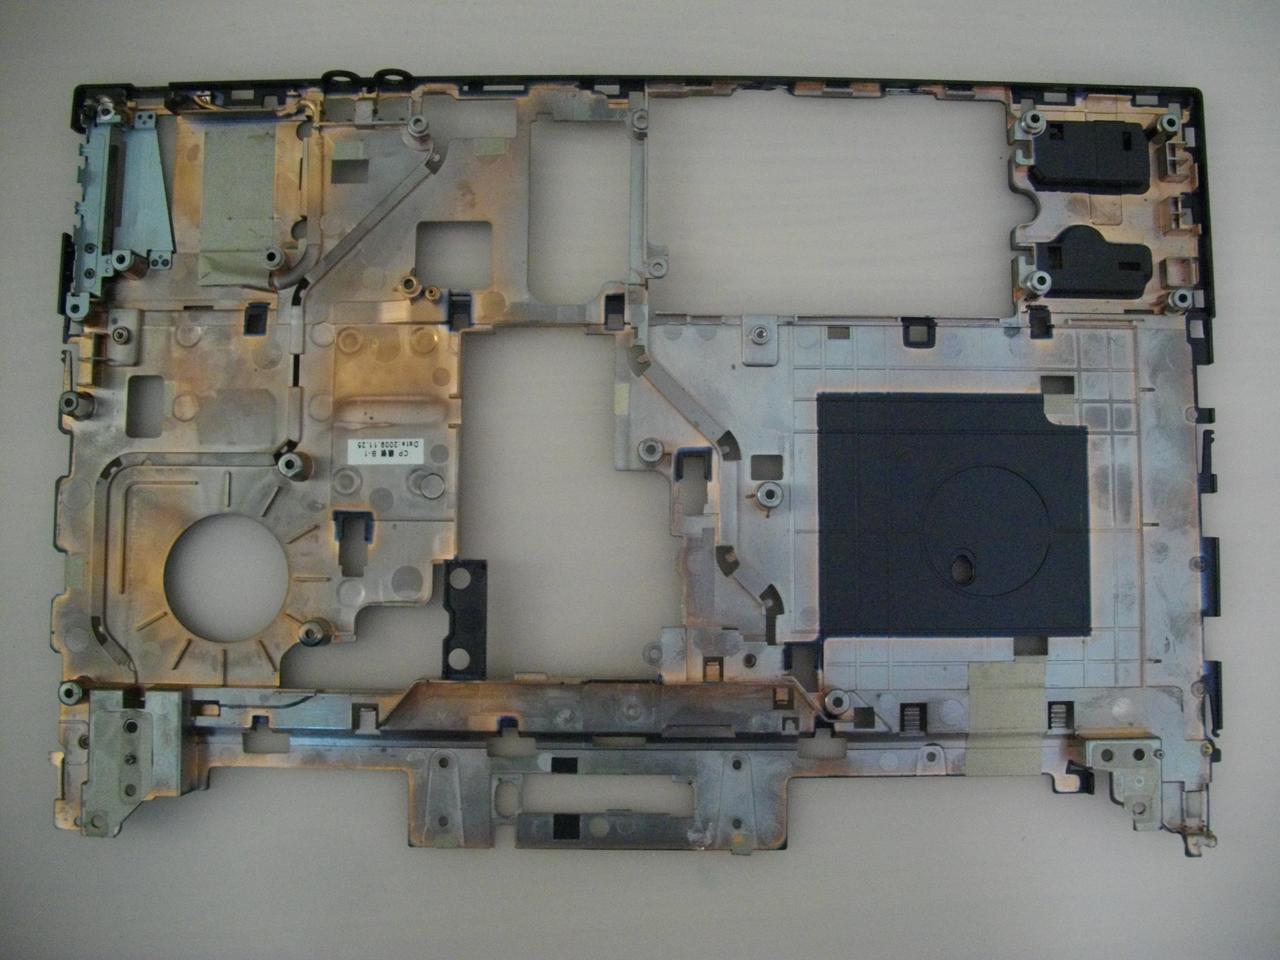 Корпус Каркас Топкейс Средняя часть корпуса HP Probook 4515s